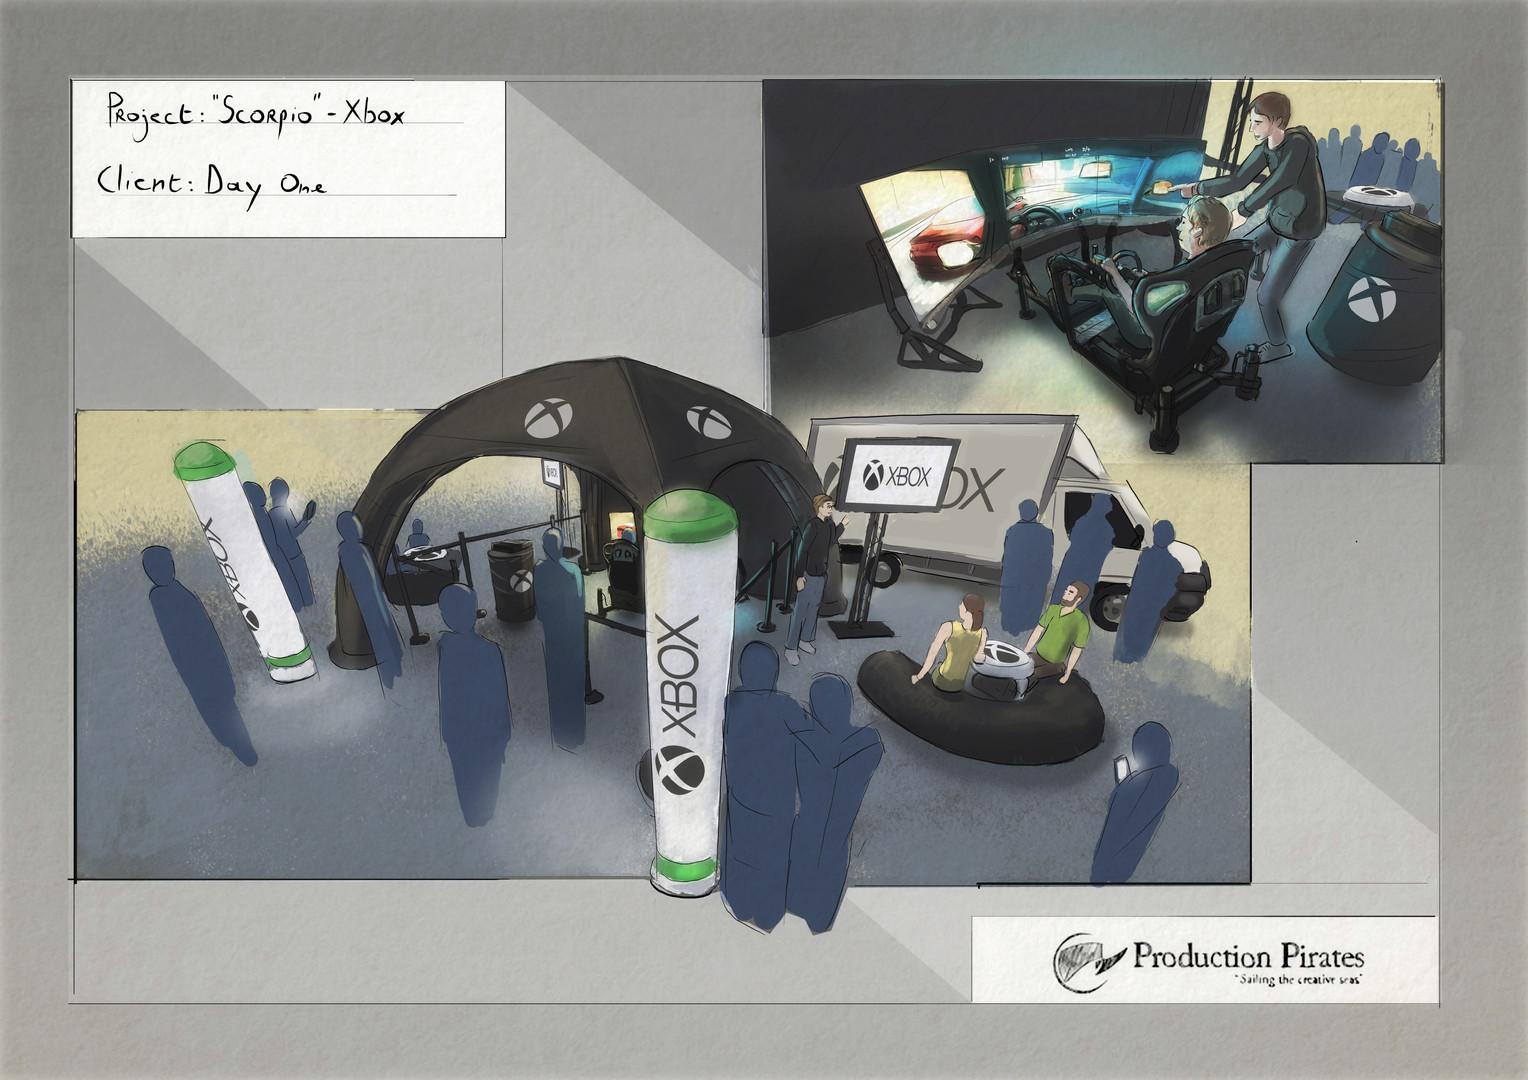 pp - scorpio-xbox day one concept.jpg